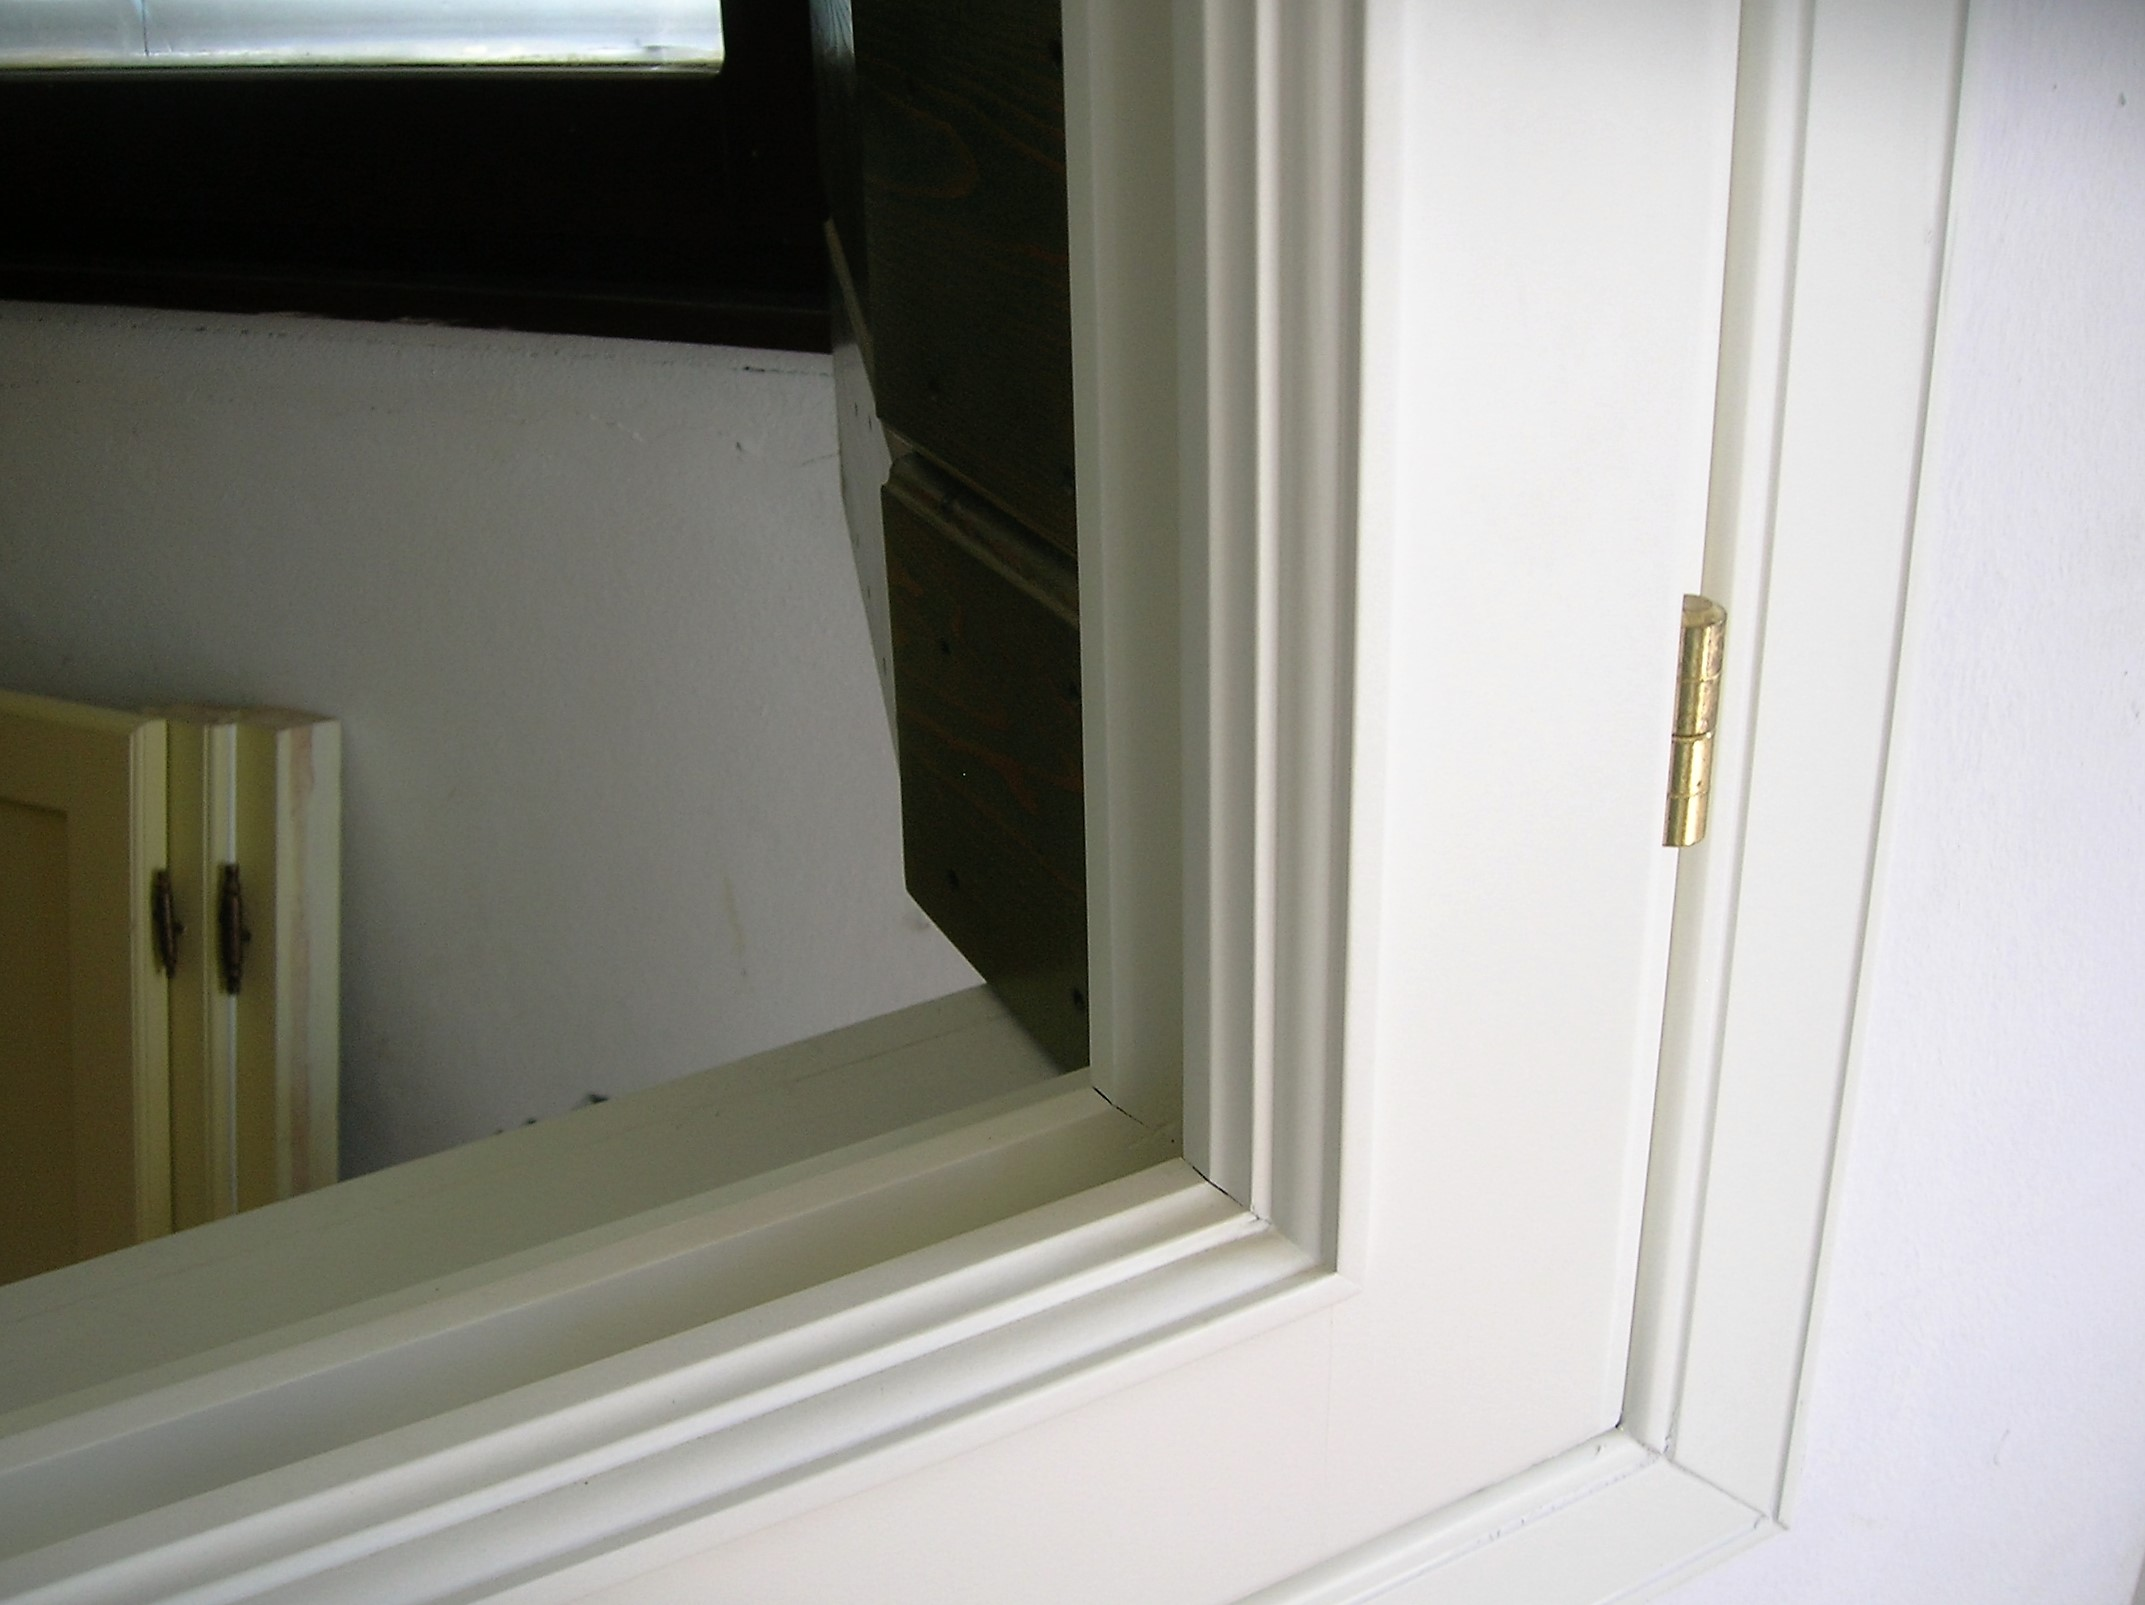 Infissi in legno bianco awesome finestra in legno con - La finestra biz opinioni ...